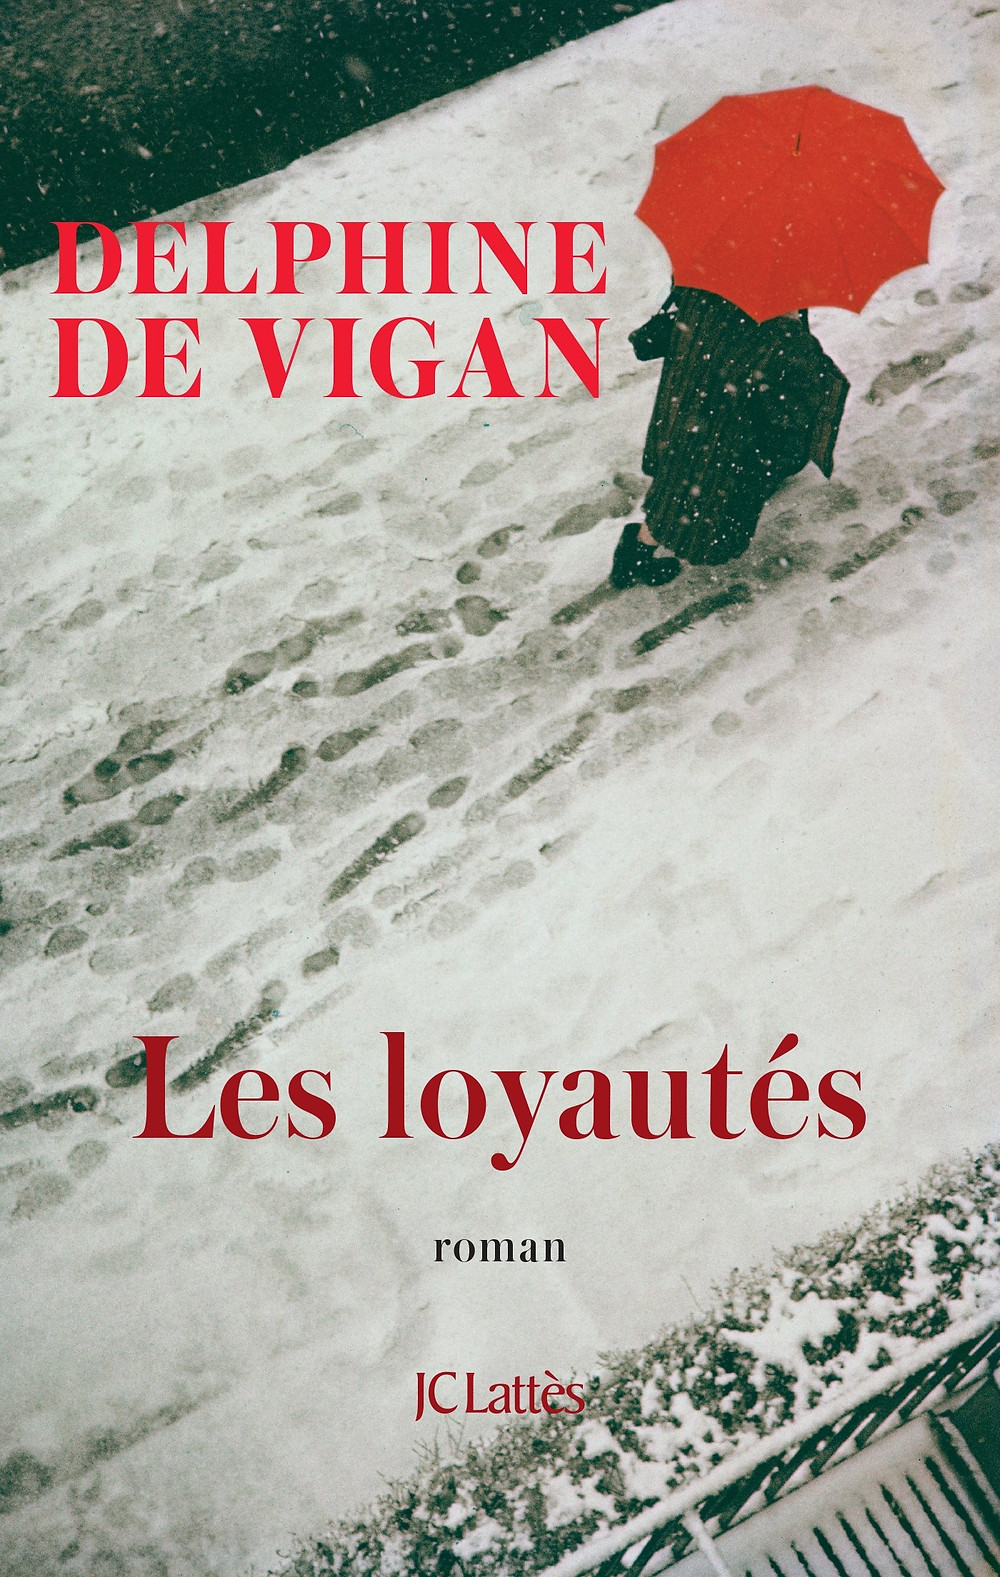 Les loyautés by Delphine de Vigan